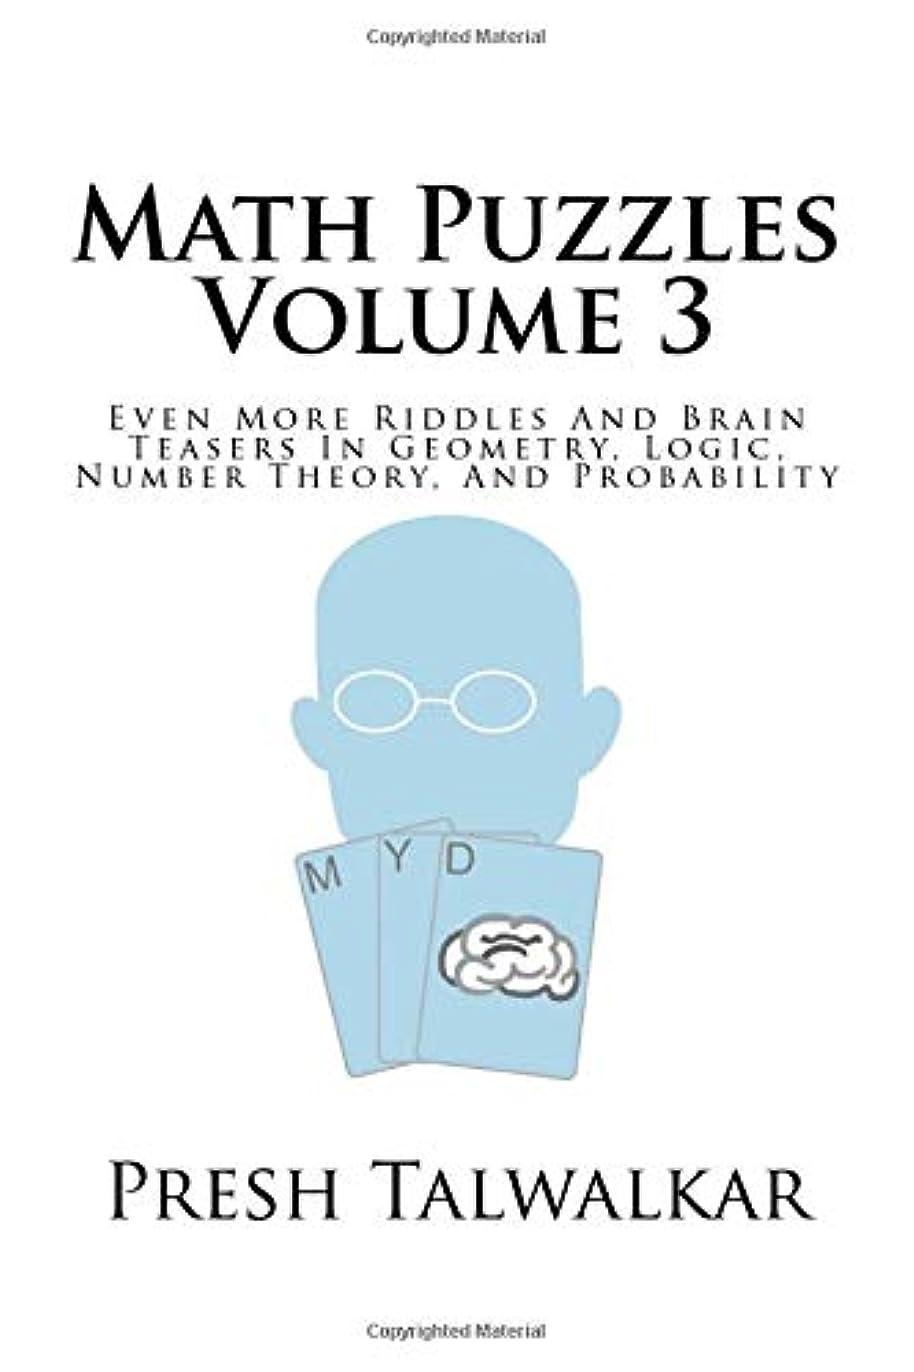 安息平和的安全性Math Puzzles Volume 3: Even More Riddles And Brain Teasers In Geometry, Logic, Number Theory, And Probability